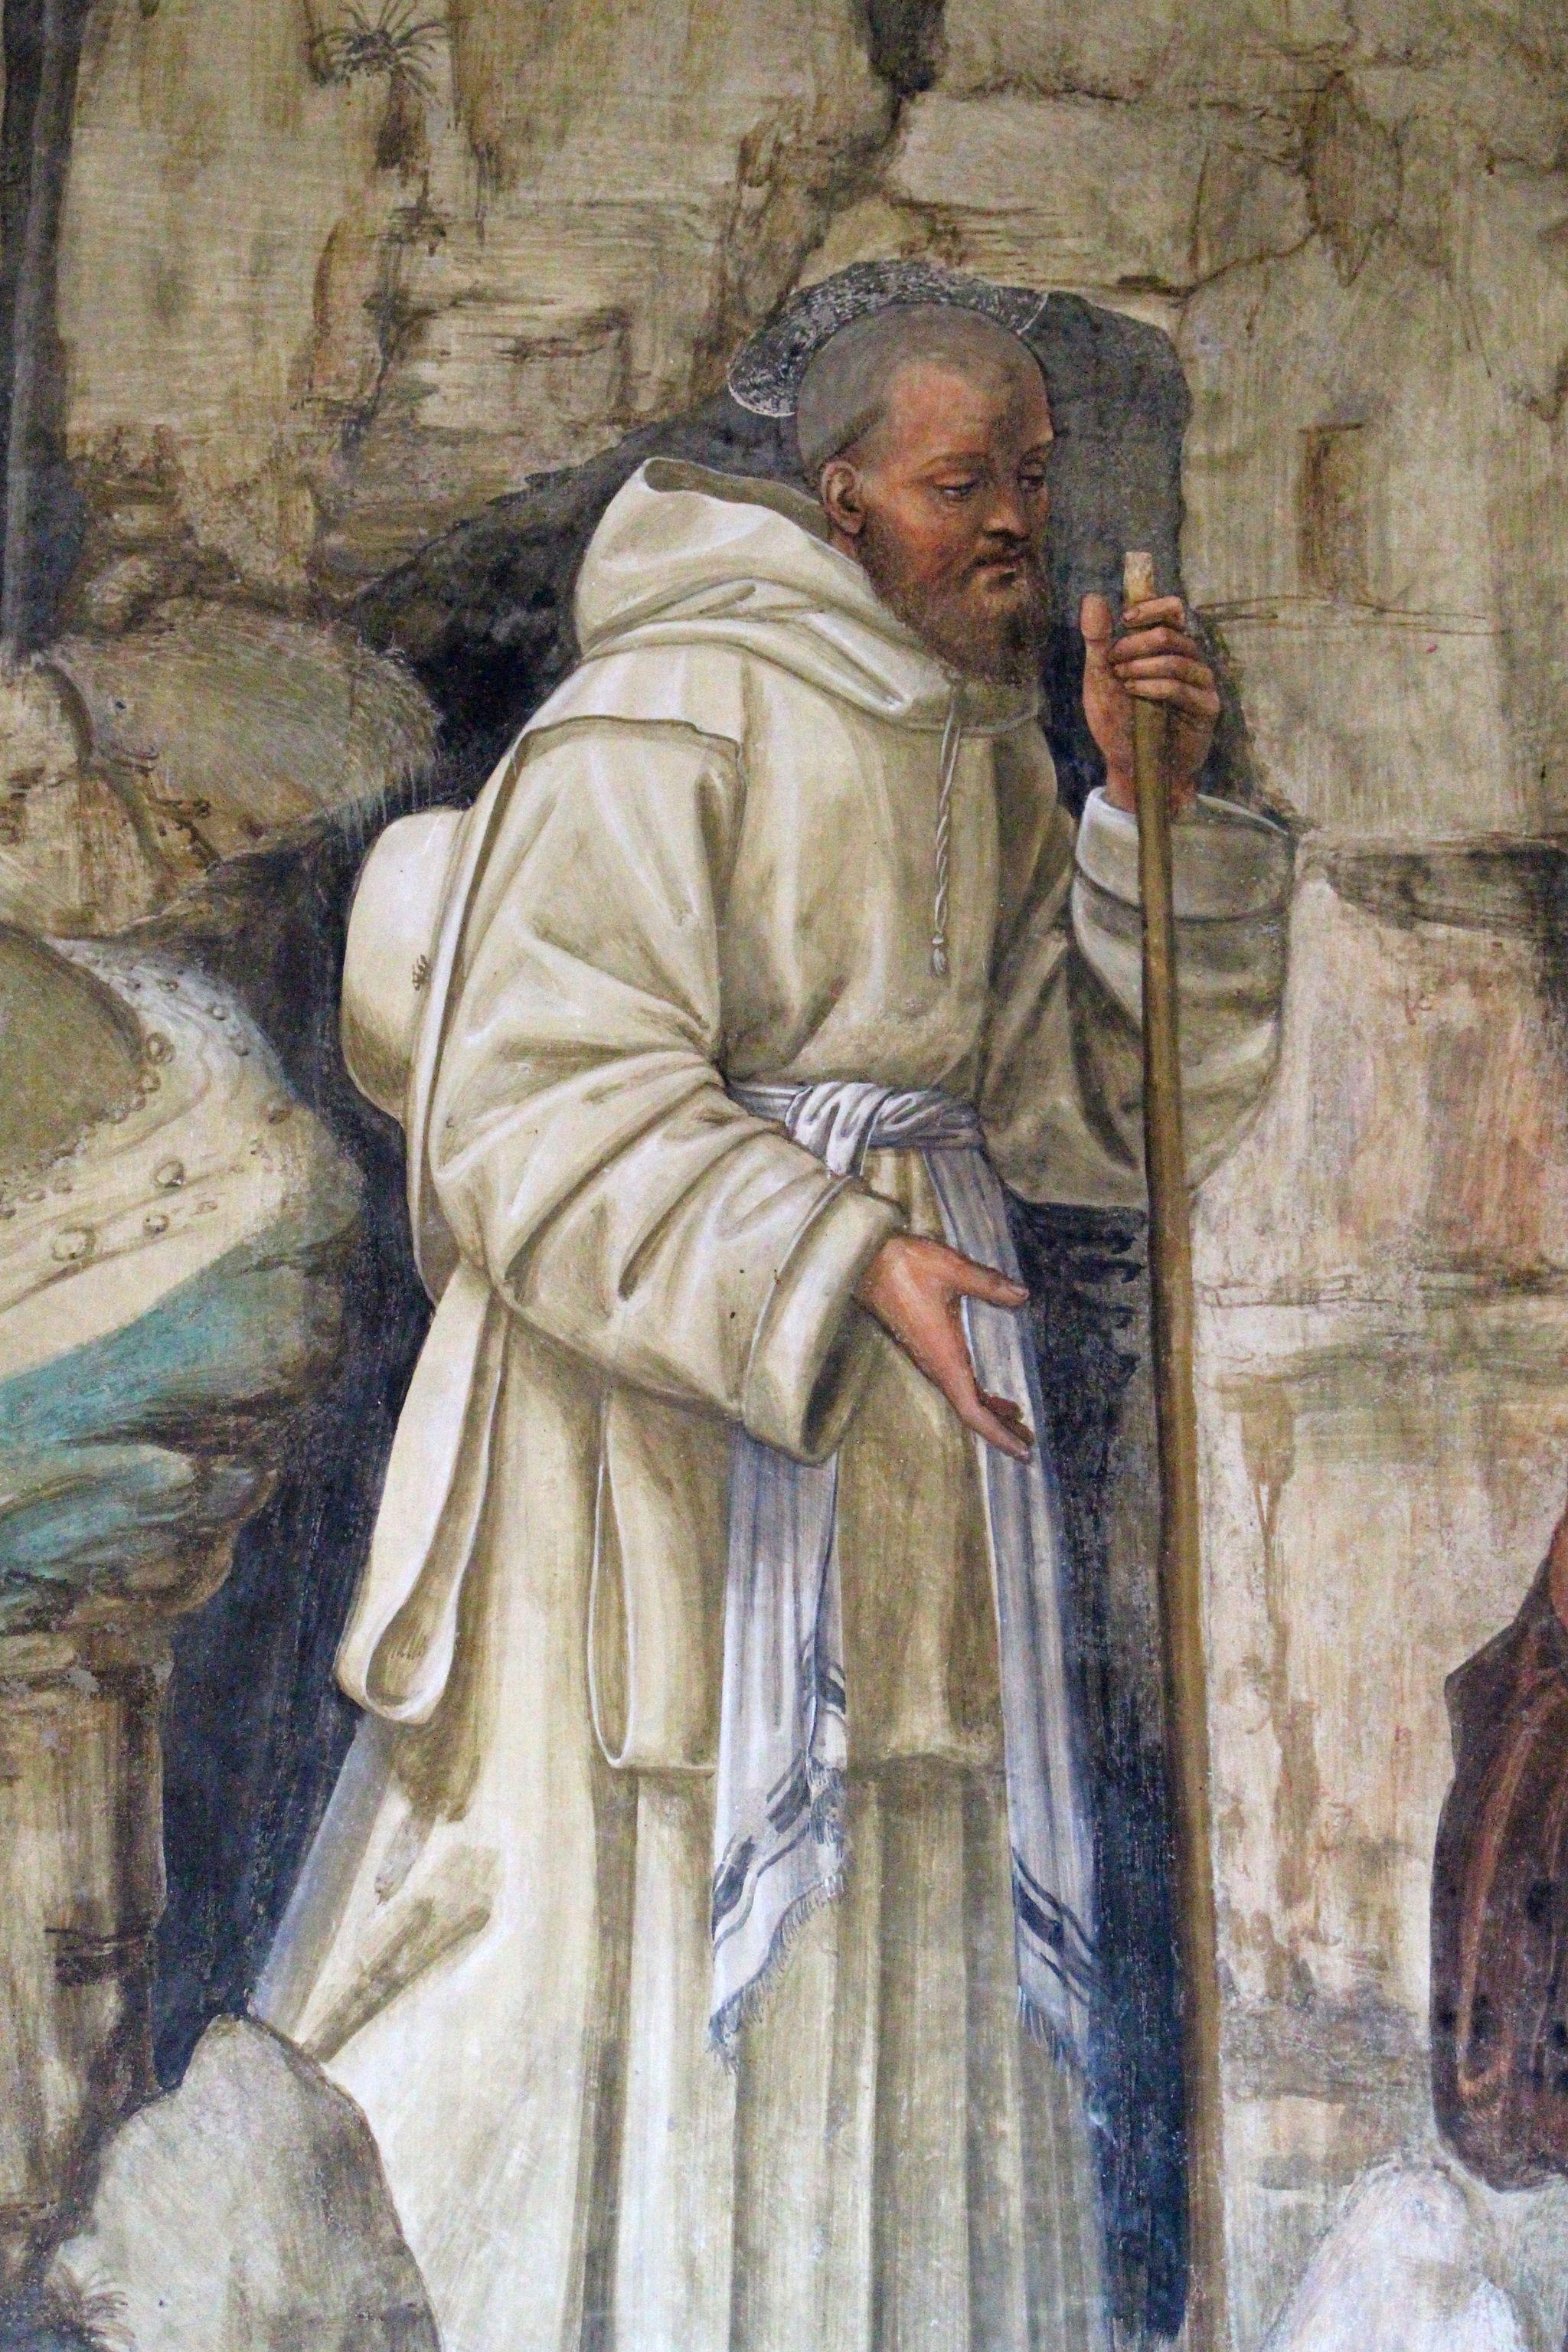 Storie di s. benedetto, 09 sodoma - Come Benedetto ai prieghi di alcuni eremiti consente di essere loro capo 03